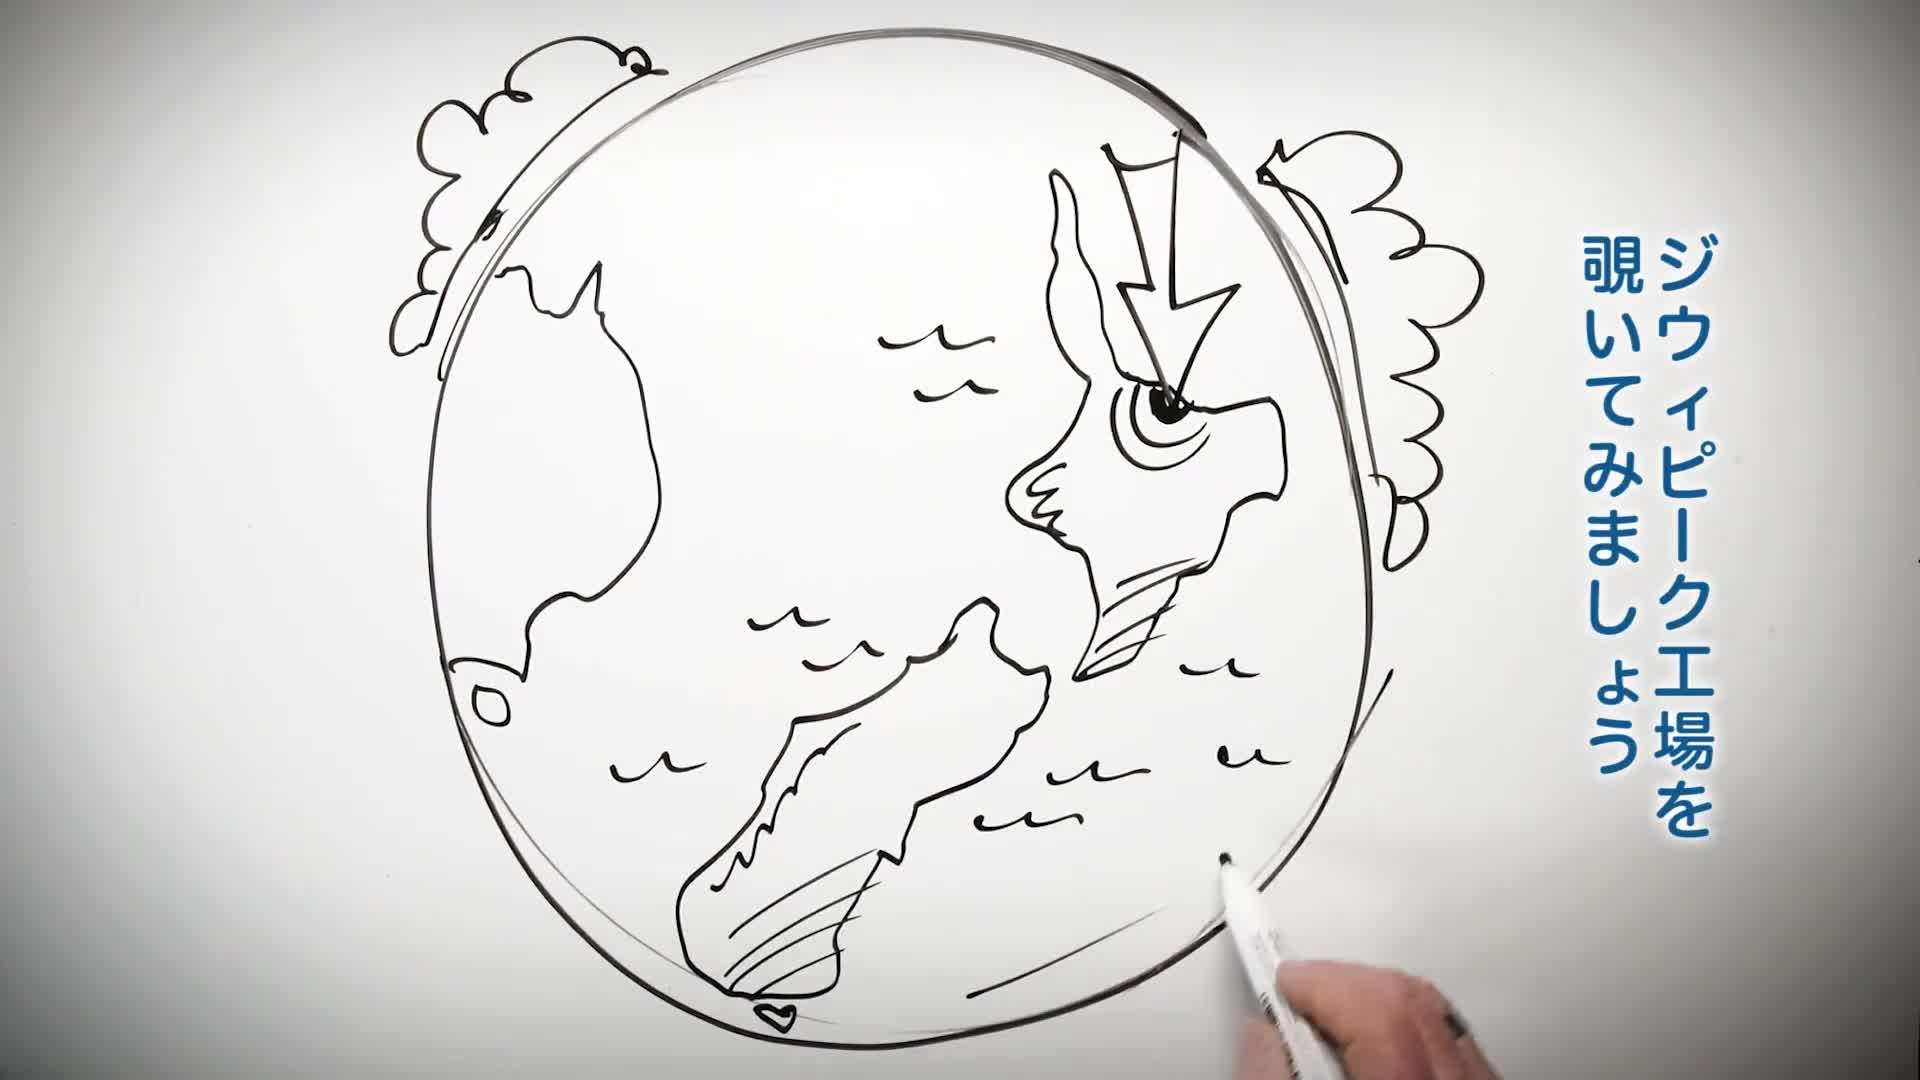 ZiwiPeak エアドライ・キャットフード ニュージーランド・フリーレンジチキン サンプル動画2